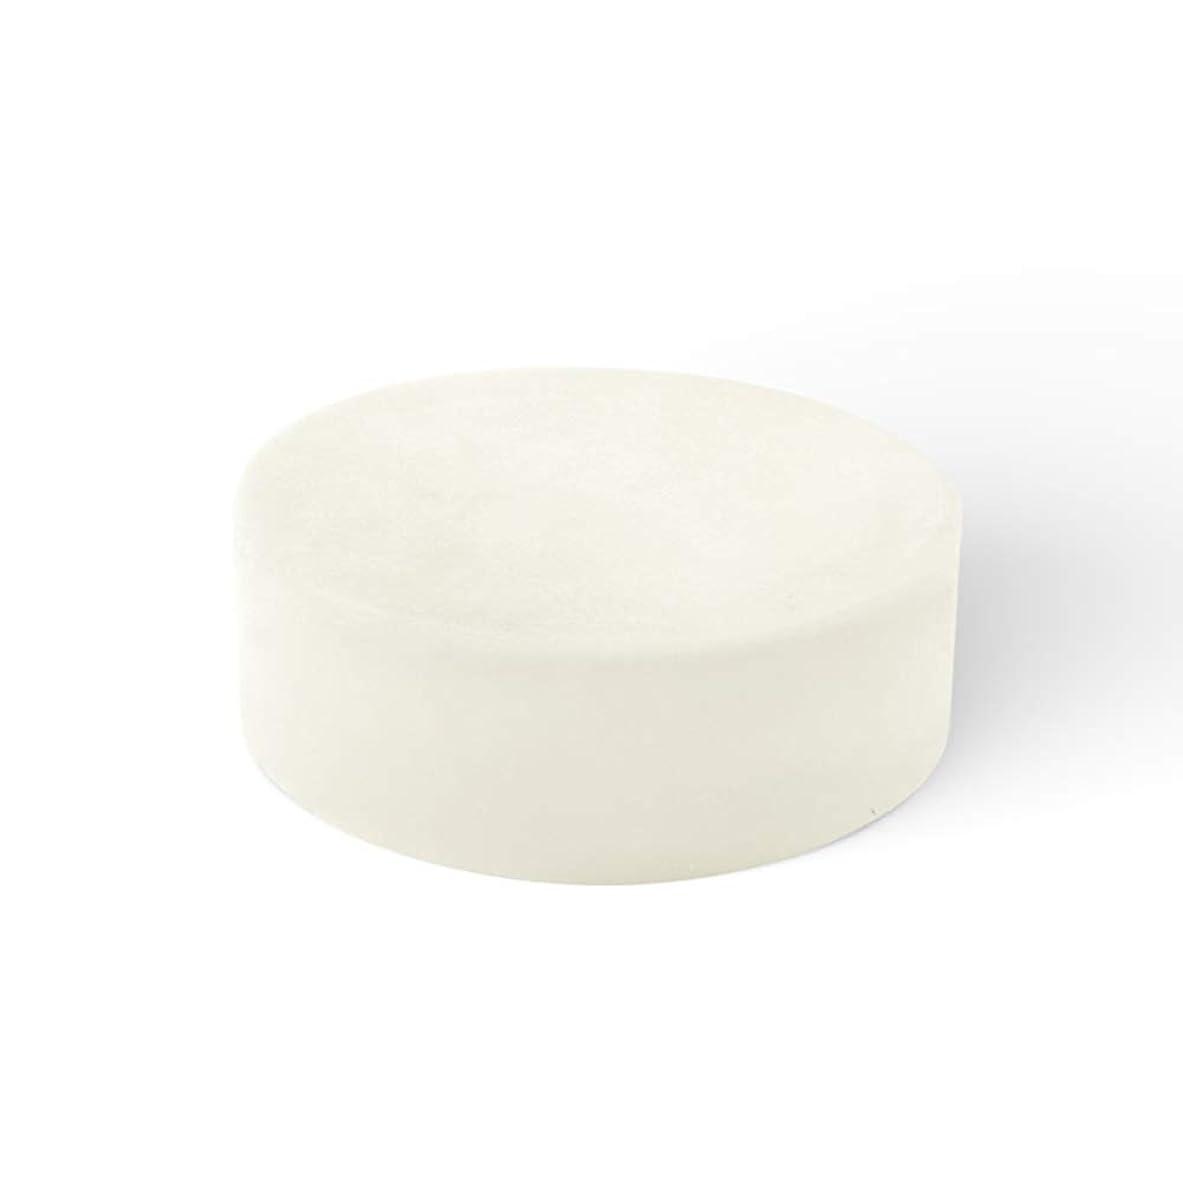 着実に描写トランスペアレントBeaurttyオーガニックシャンプーバー石鹸髪の成長コンディショナー修復髪の保護のための手作り石鹸